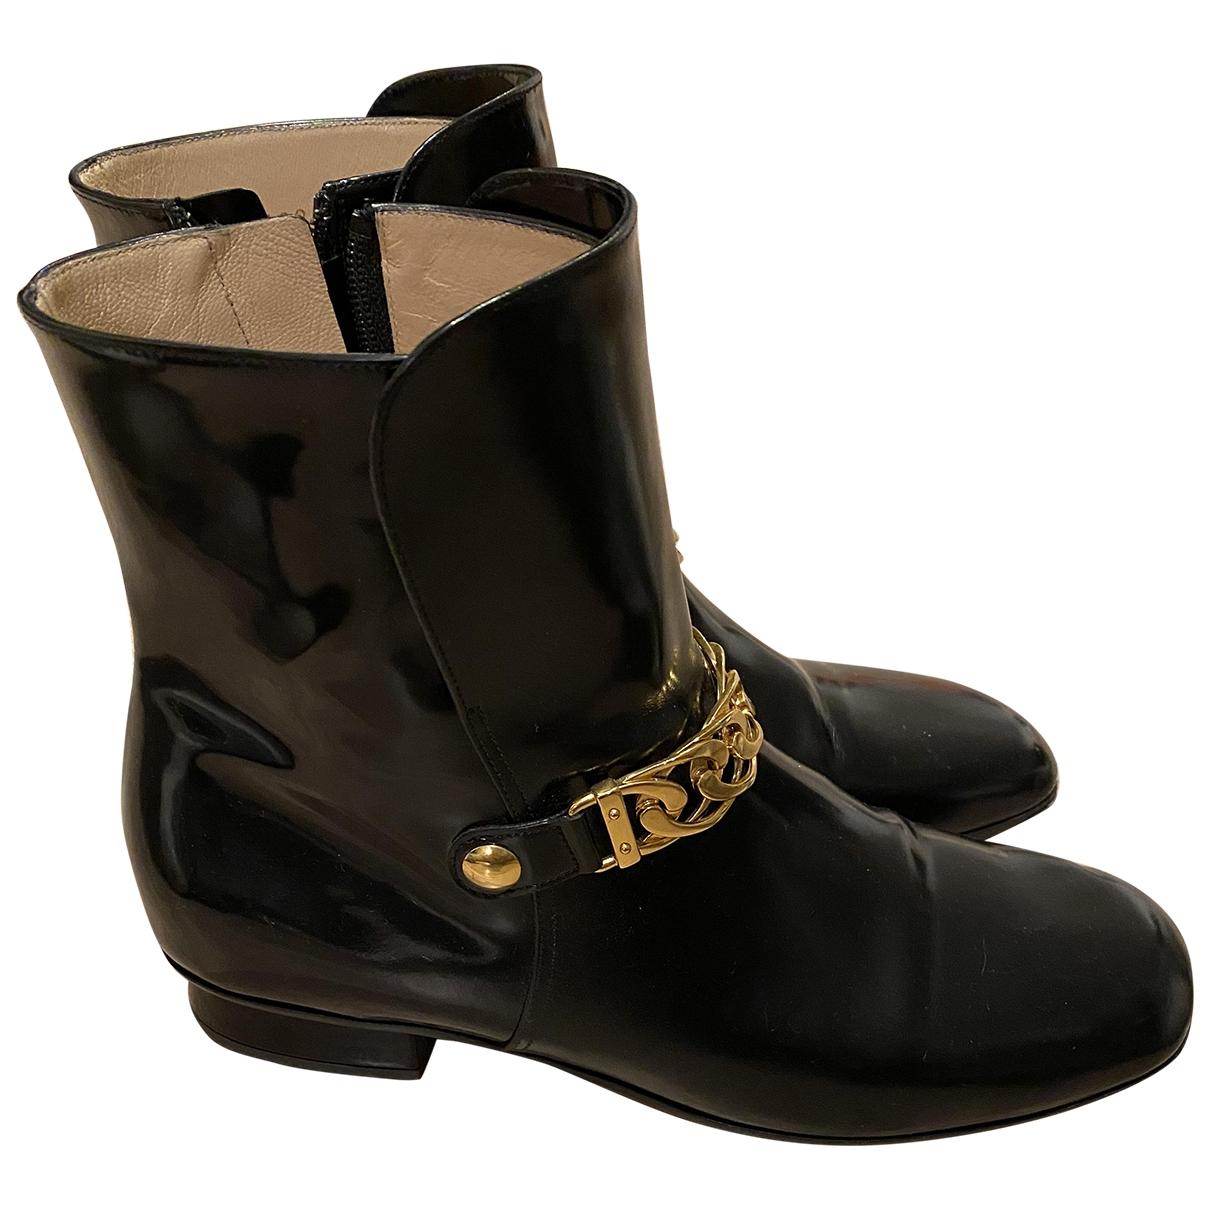 Botas de Charol Gucci